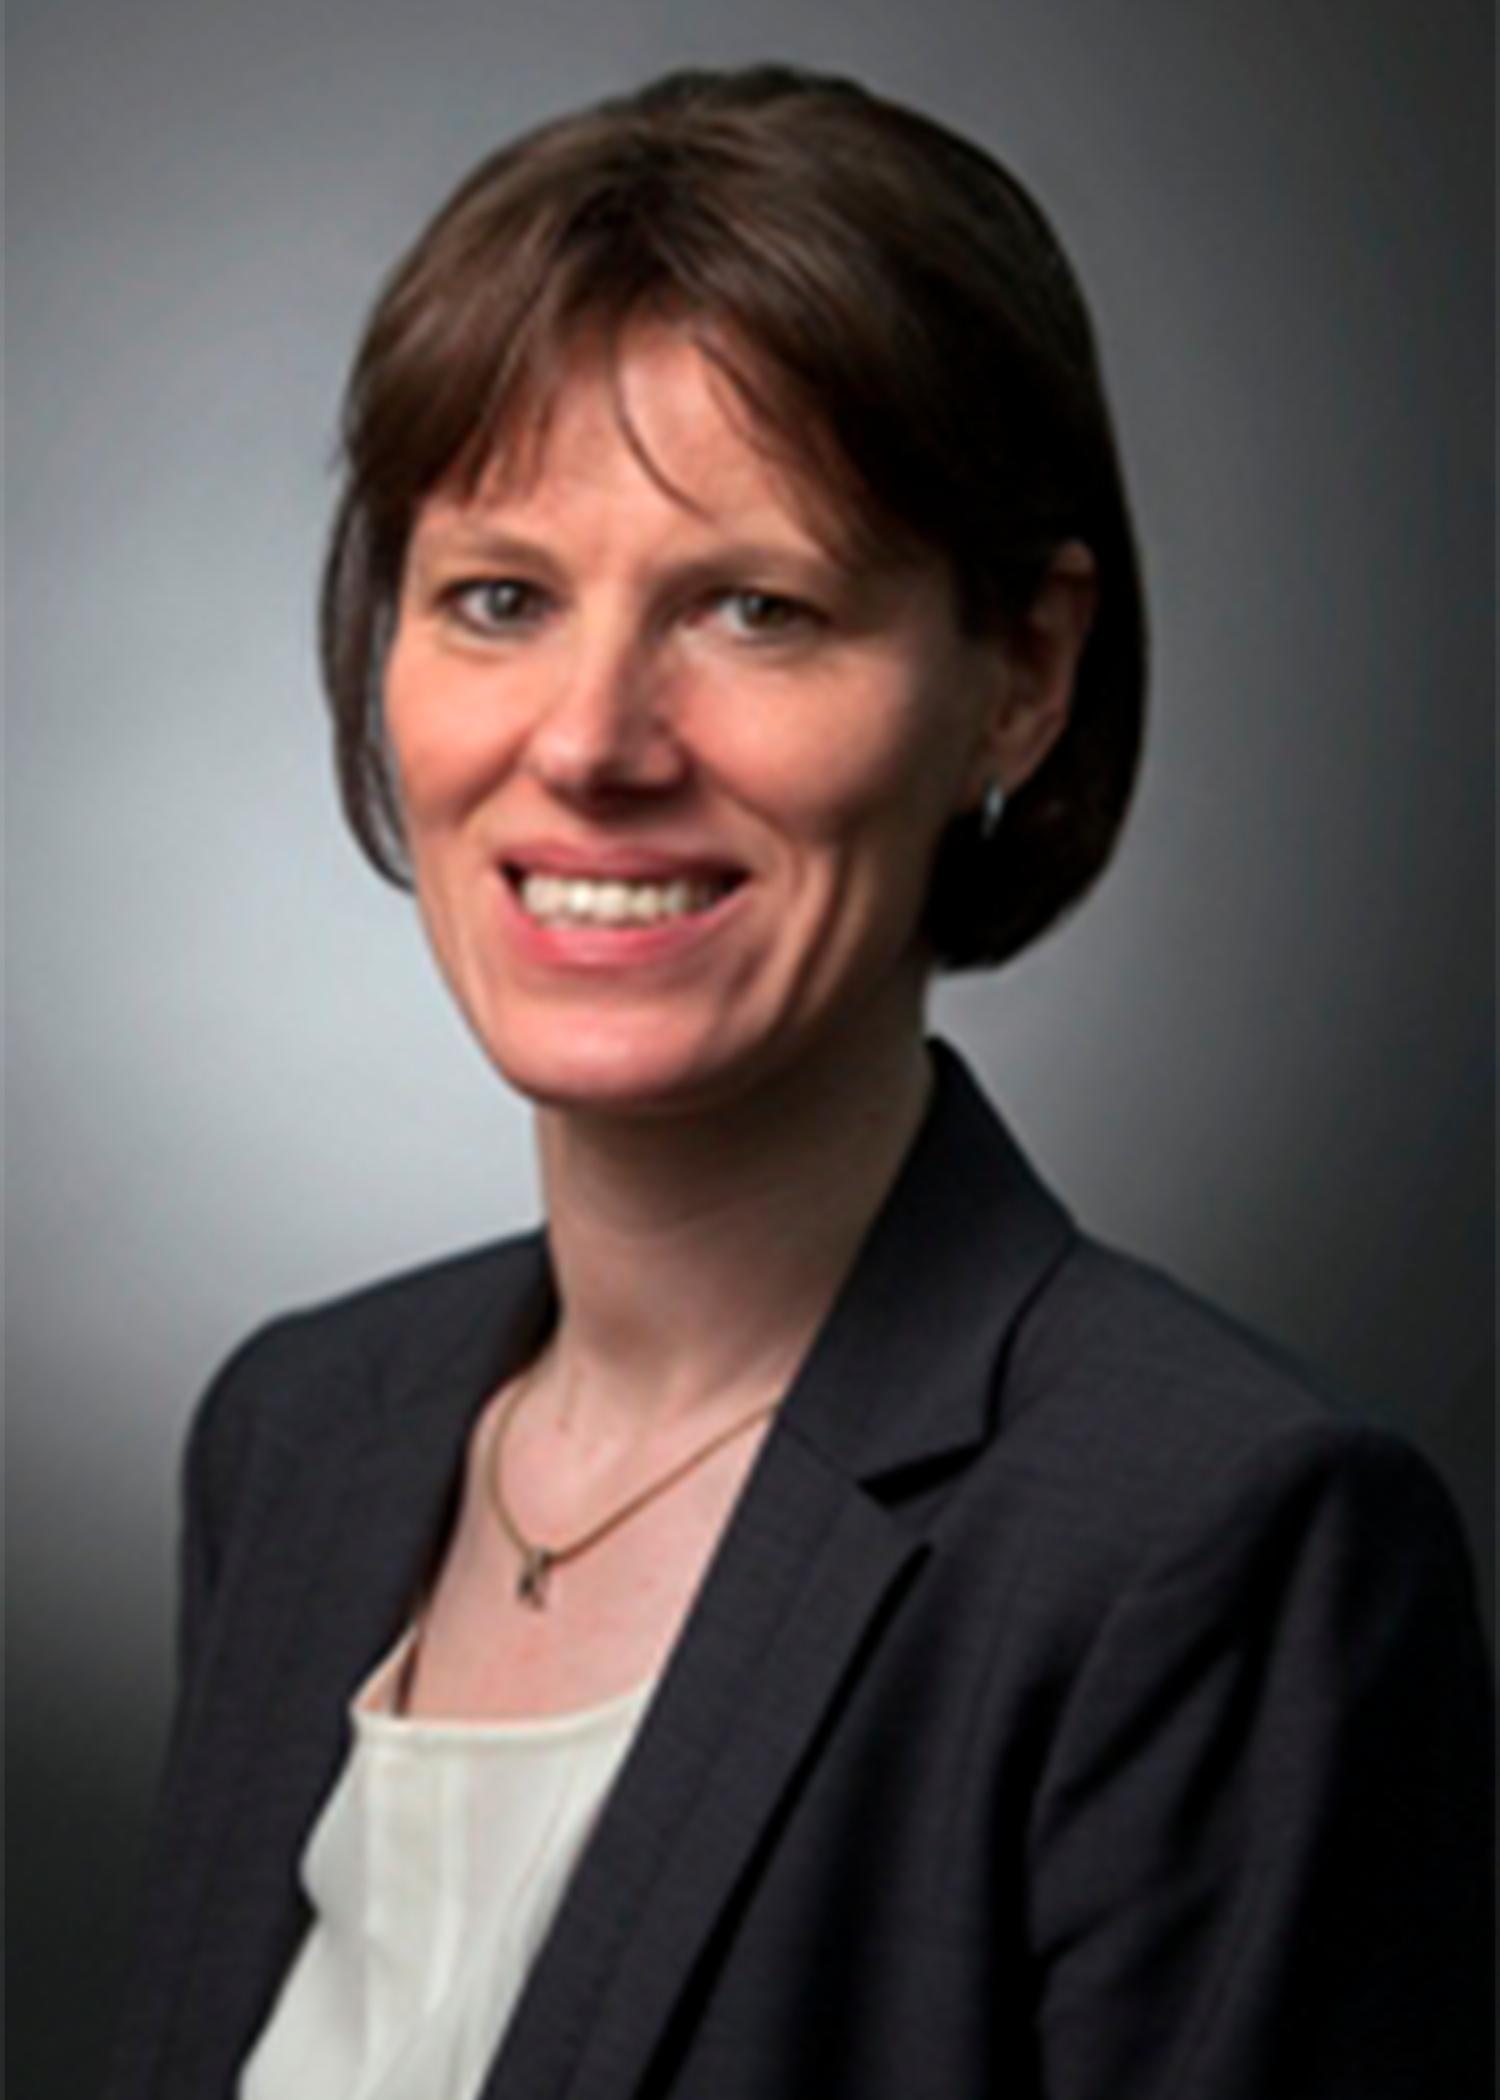 Anjolein Schmeits Headshot